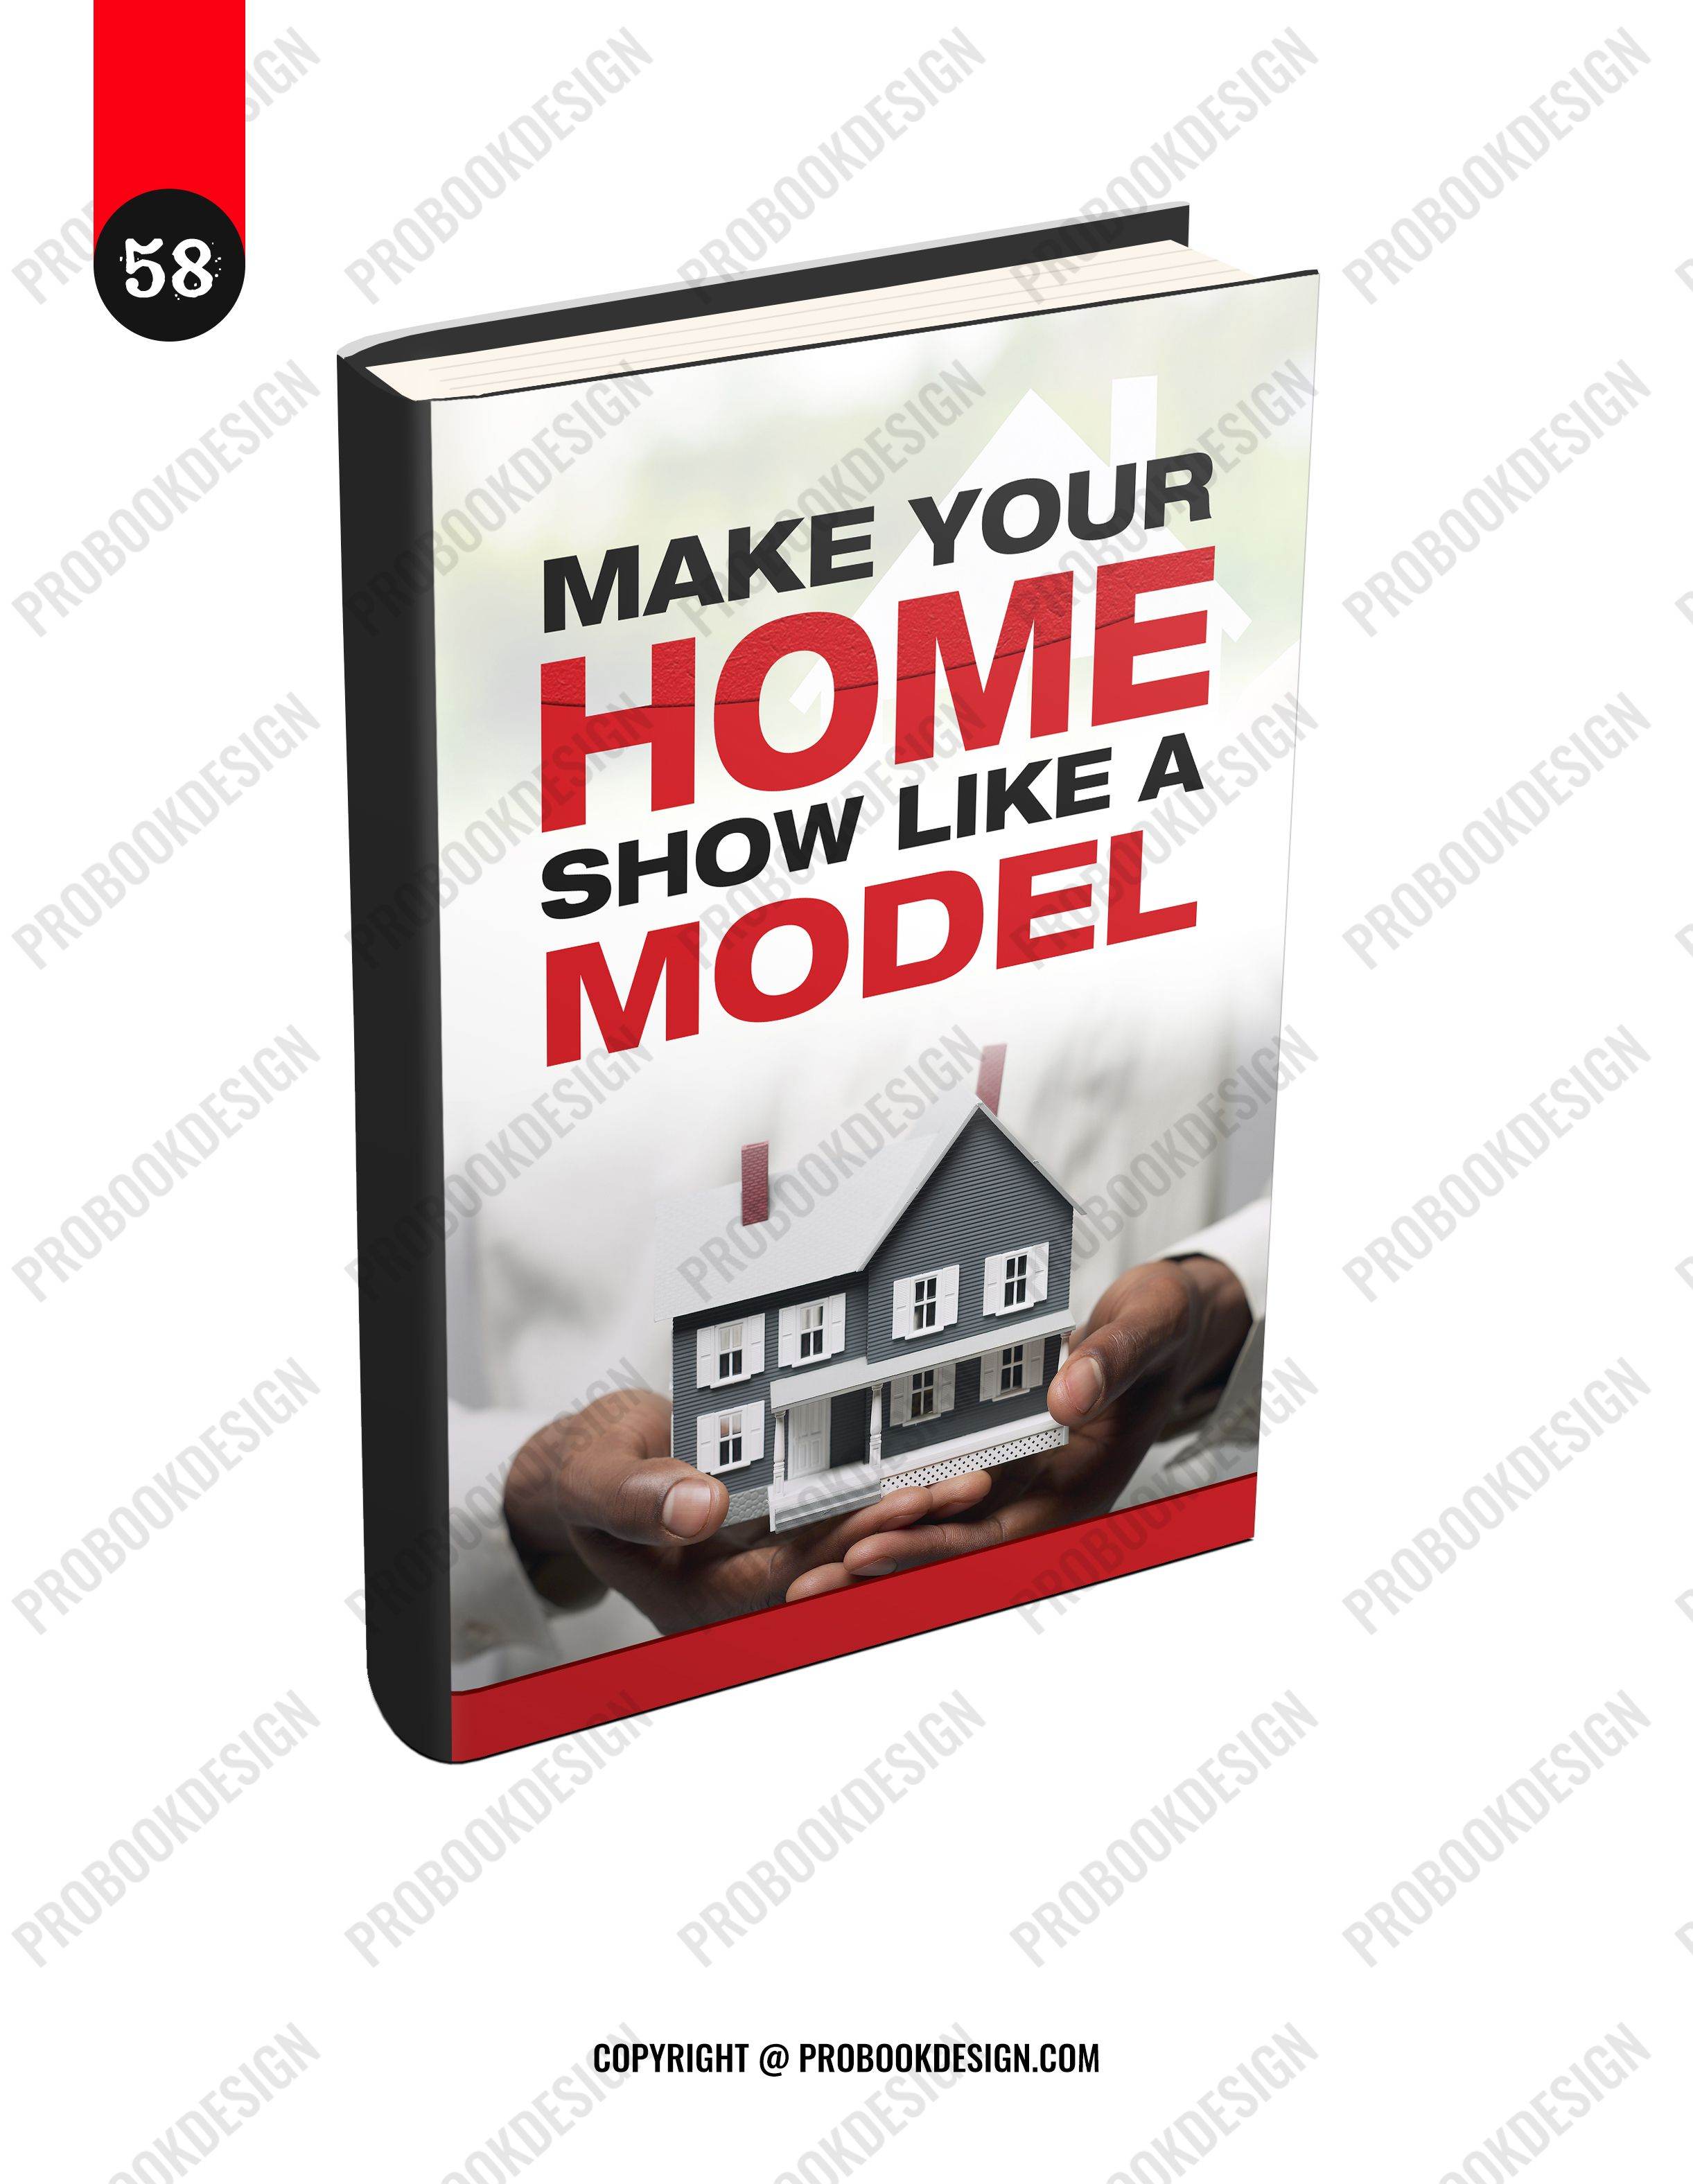 Probookdesigns I Will Design Amazing Book Cover For 5 On Fiverr Com Amazing Book Covers Book Cover Mockup Book Cover Design